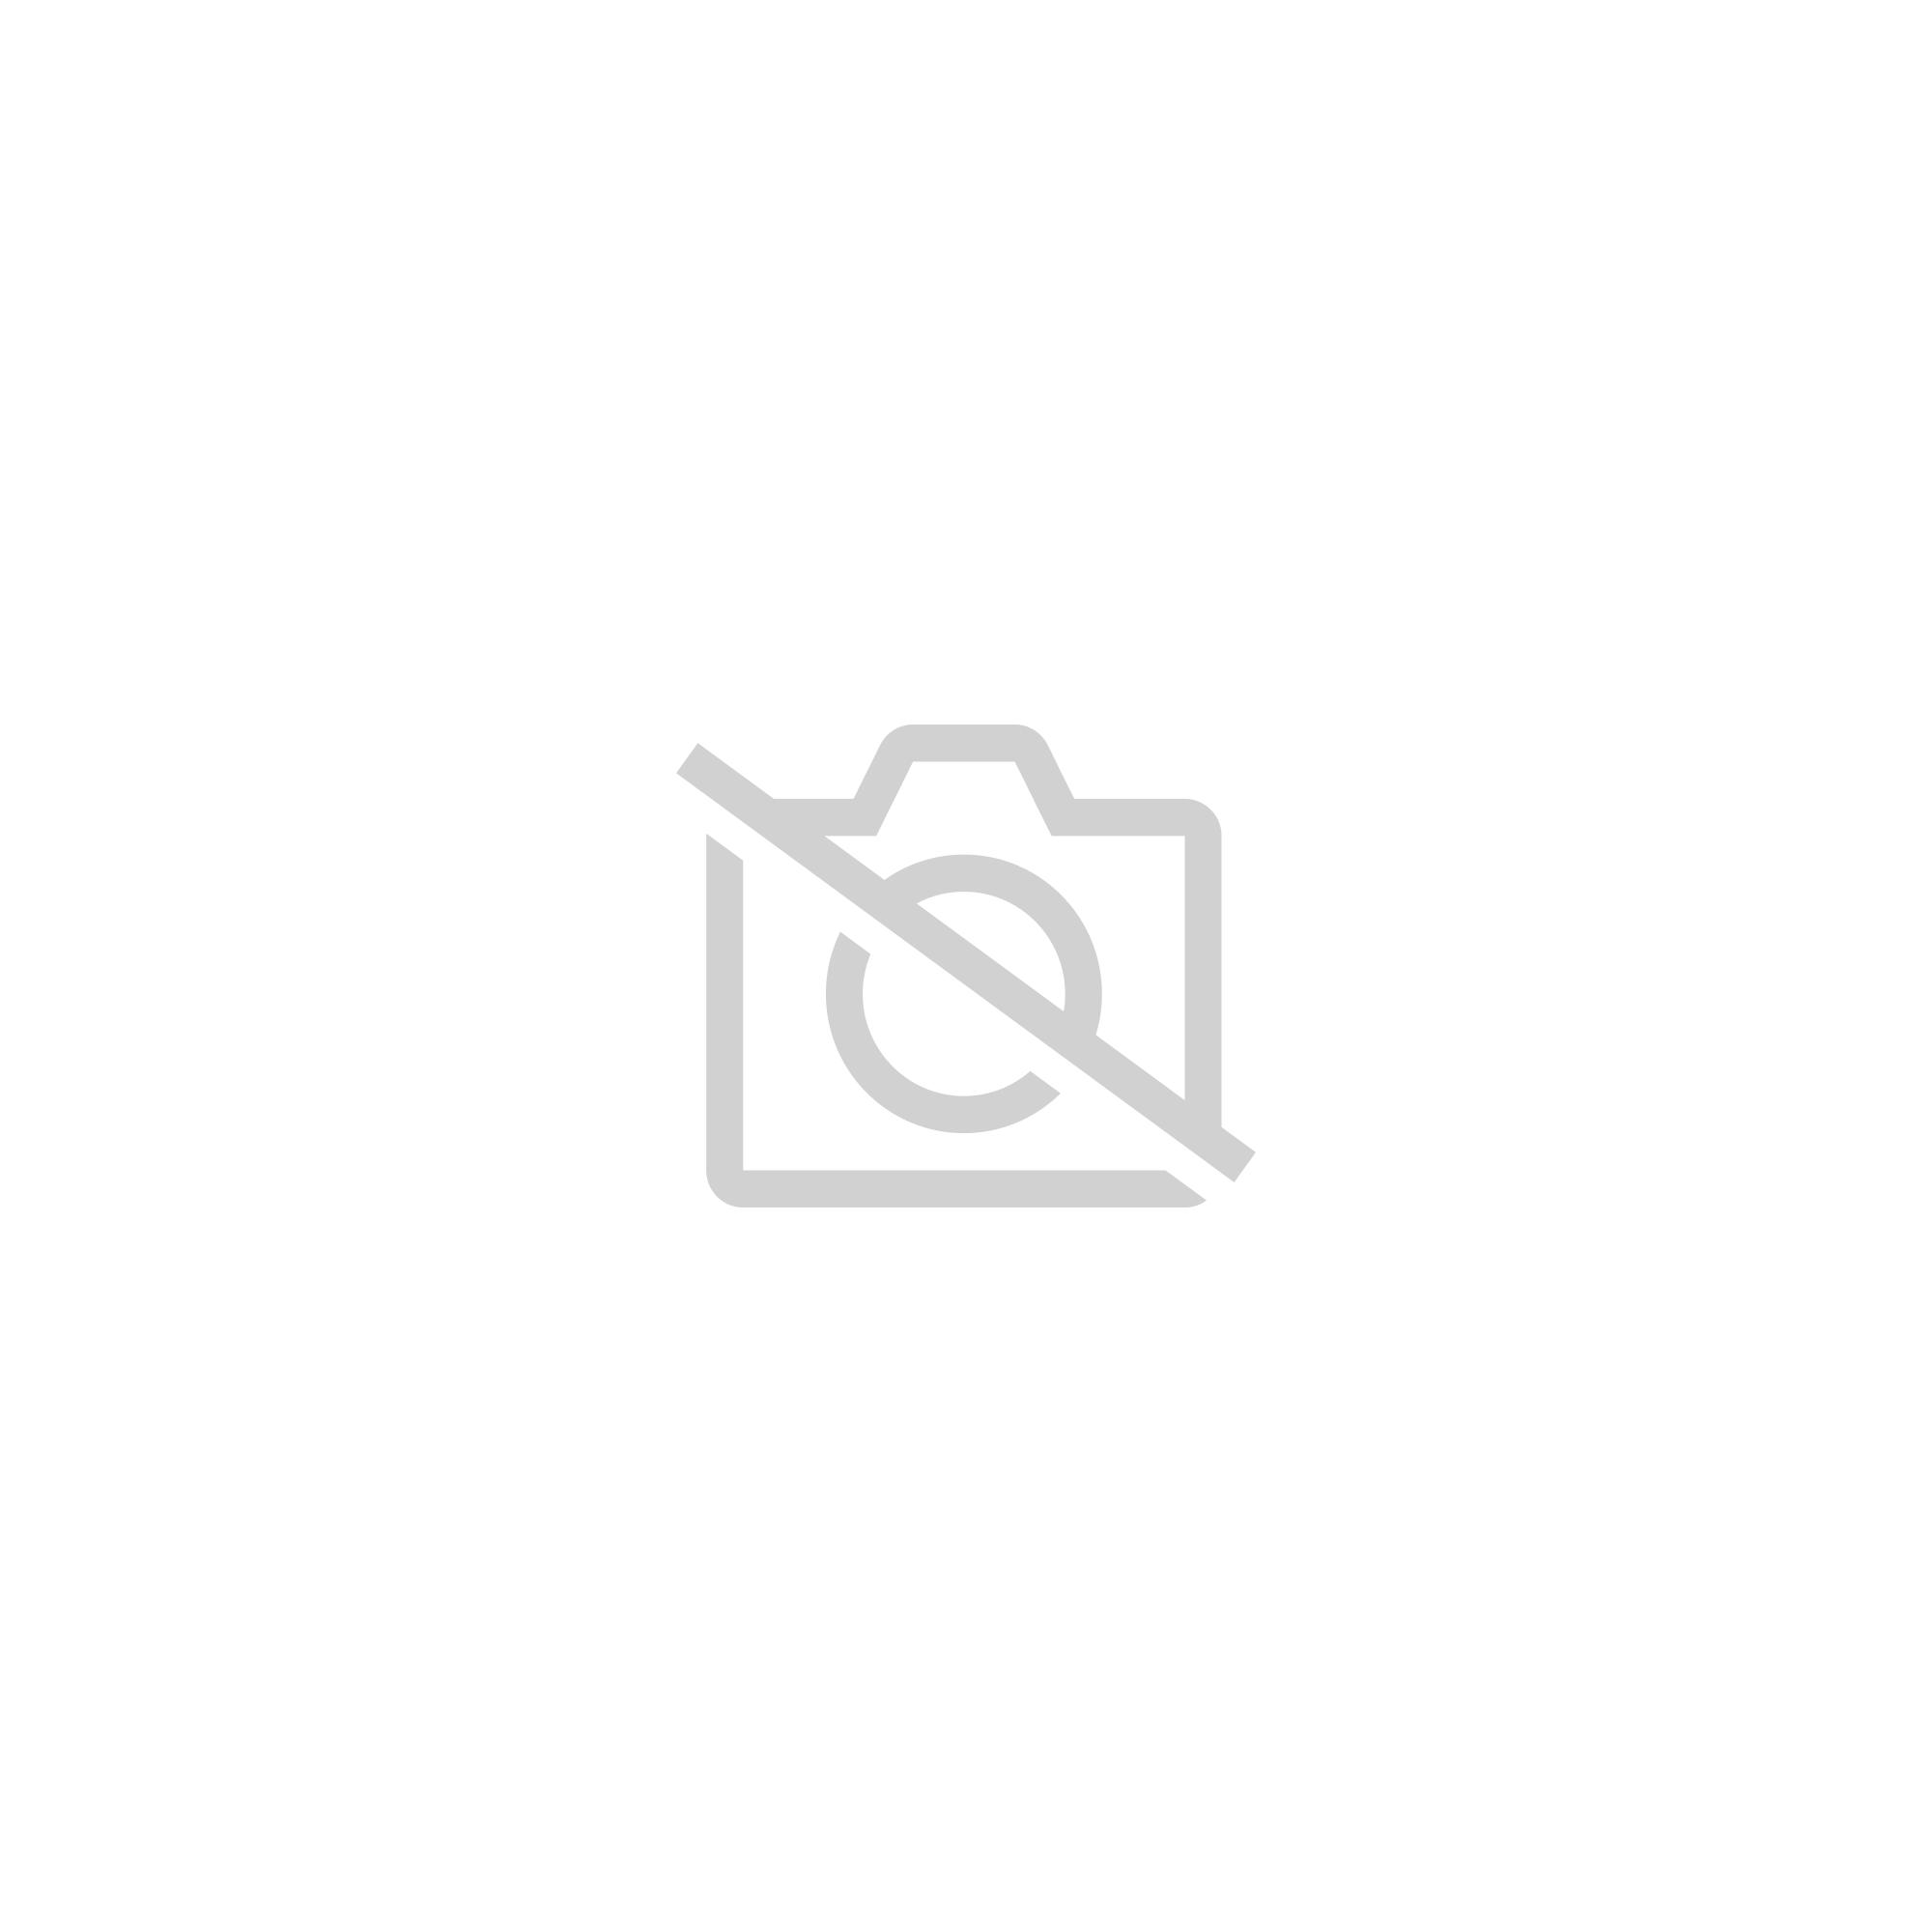 PANASONIC TXL24XM6